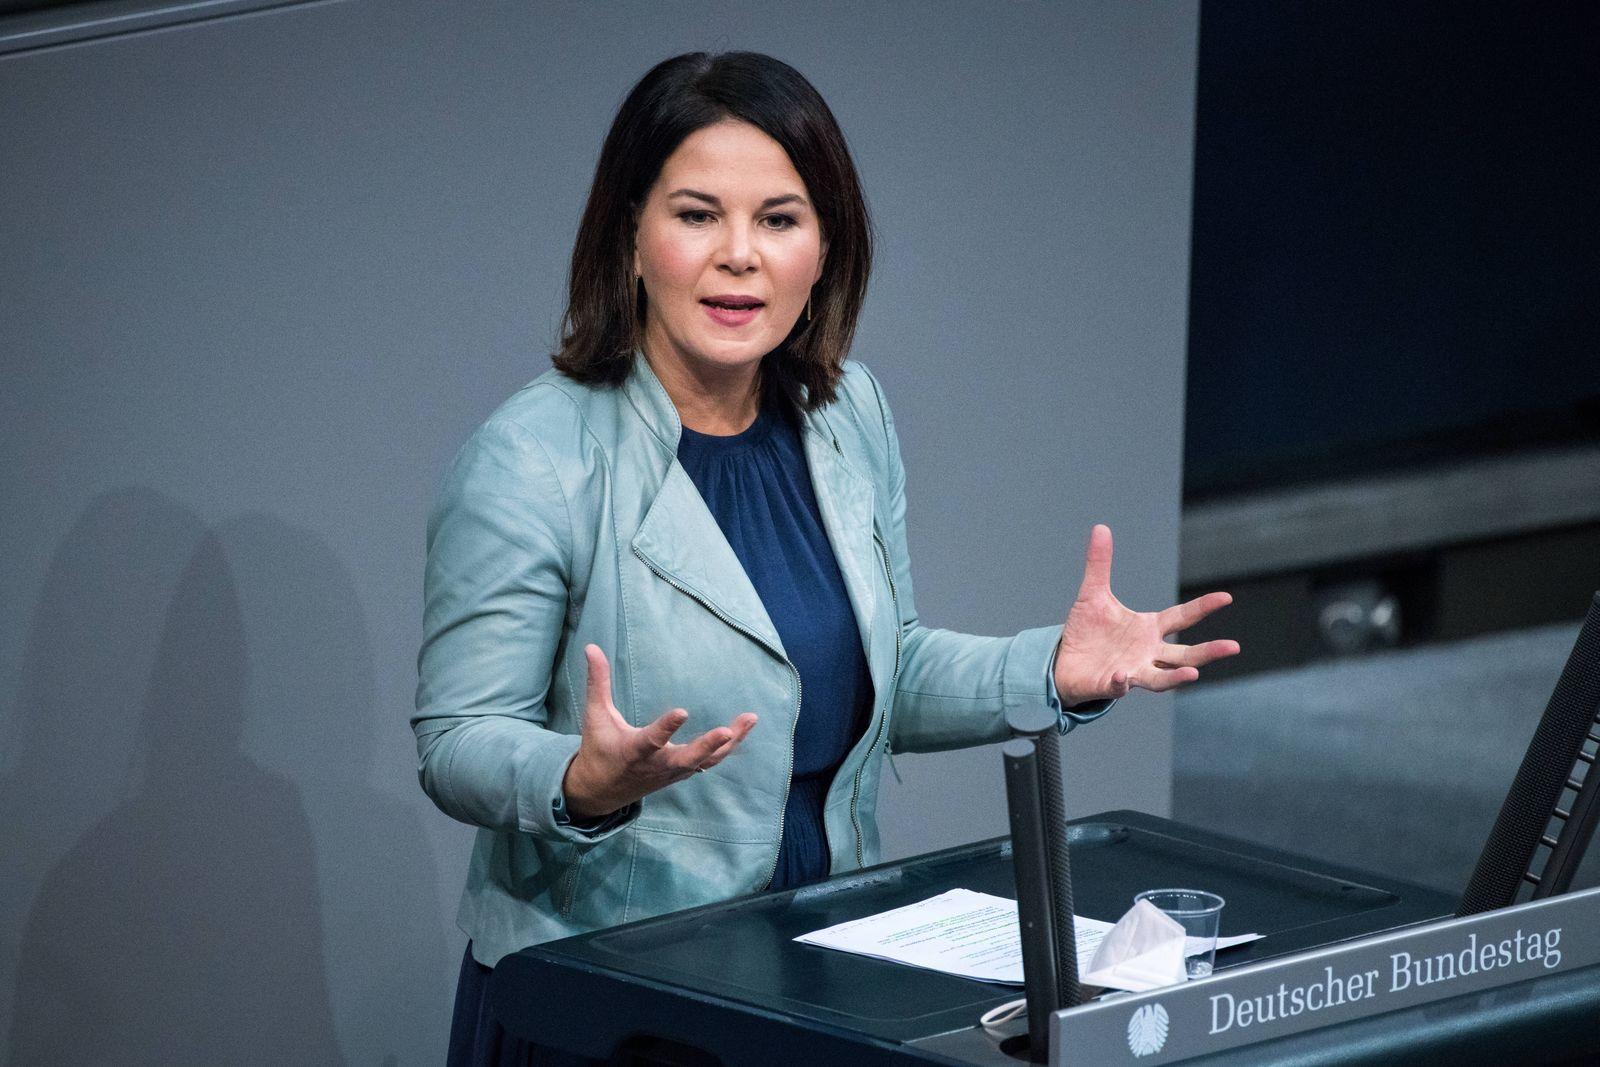 Annalena Baerbock, Bundesvorsitzende von Buendnis 90/ Die Grünen am 09.12.2020 im Bundestag in Berlin. Foto: bildgehege